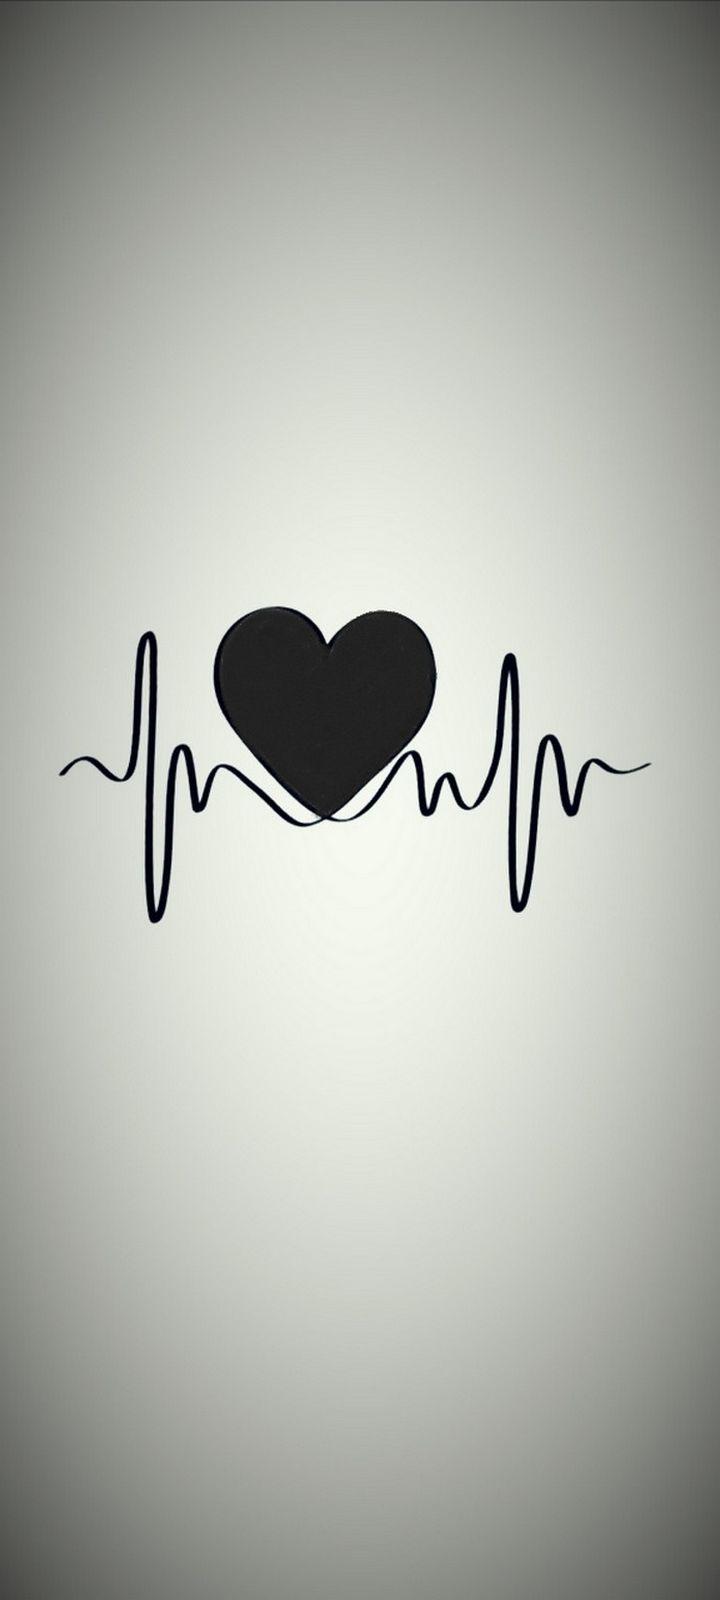 Heart Beat Wallpaper